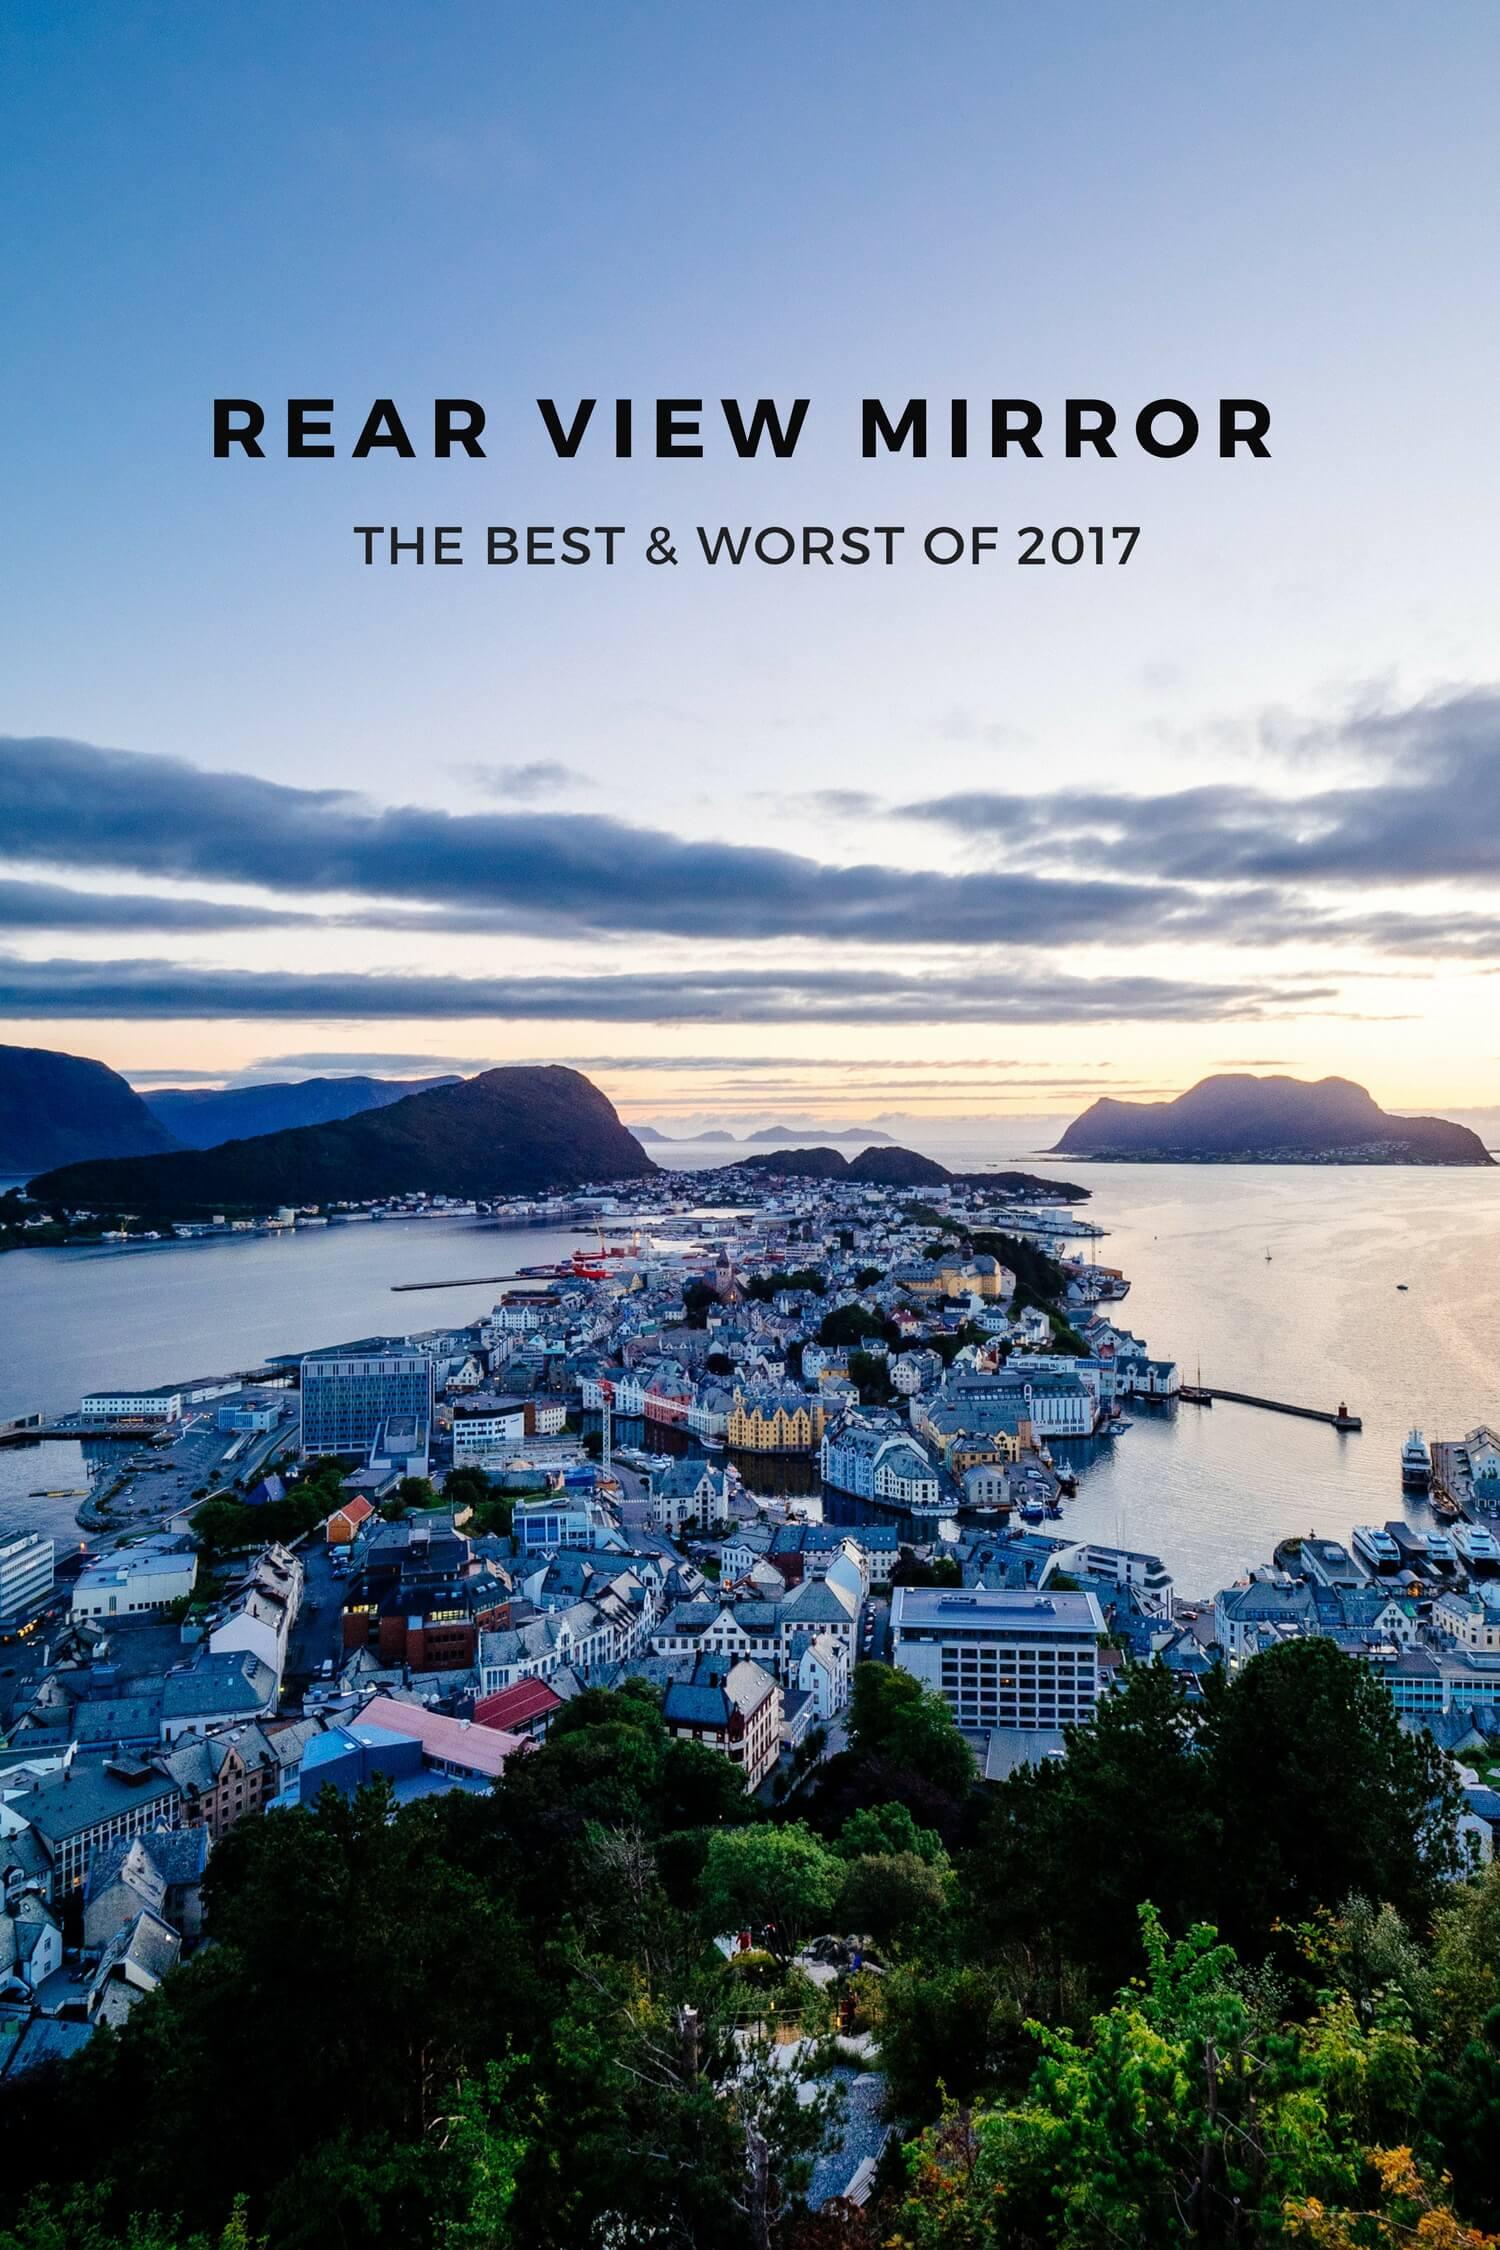 Rear View Mirror: Best & Worst of 2017